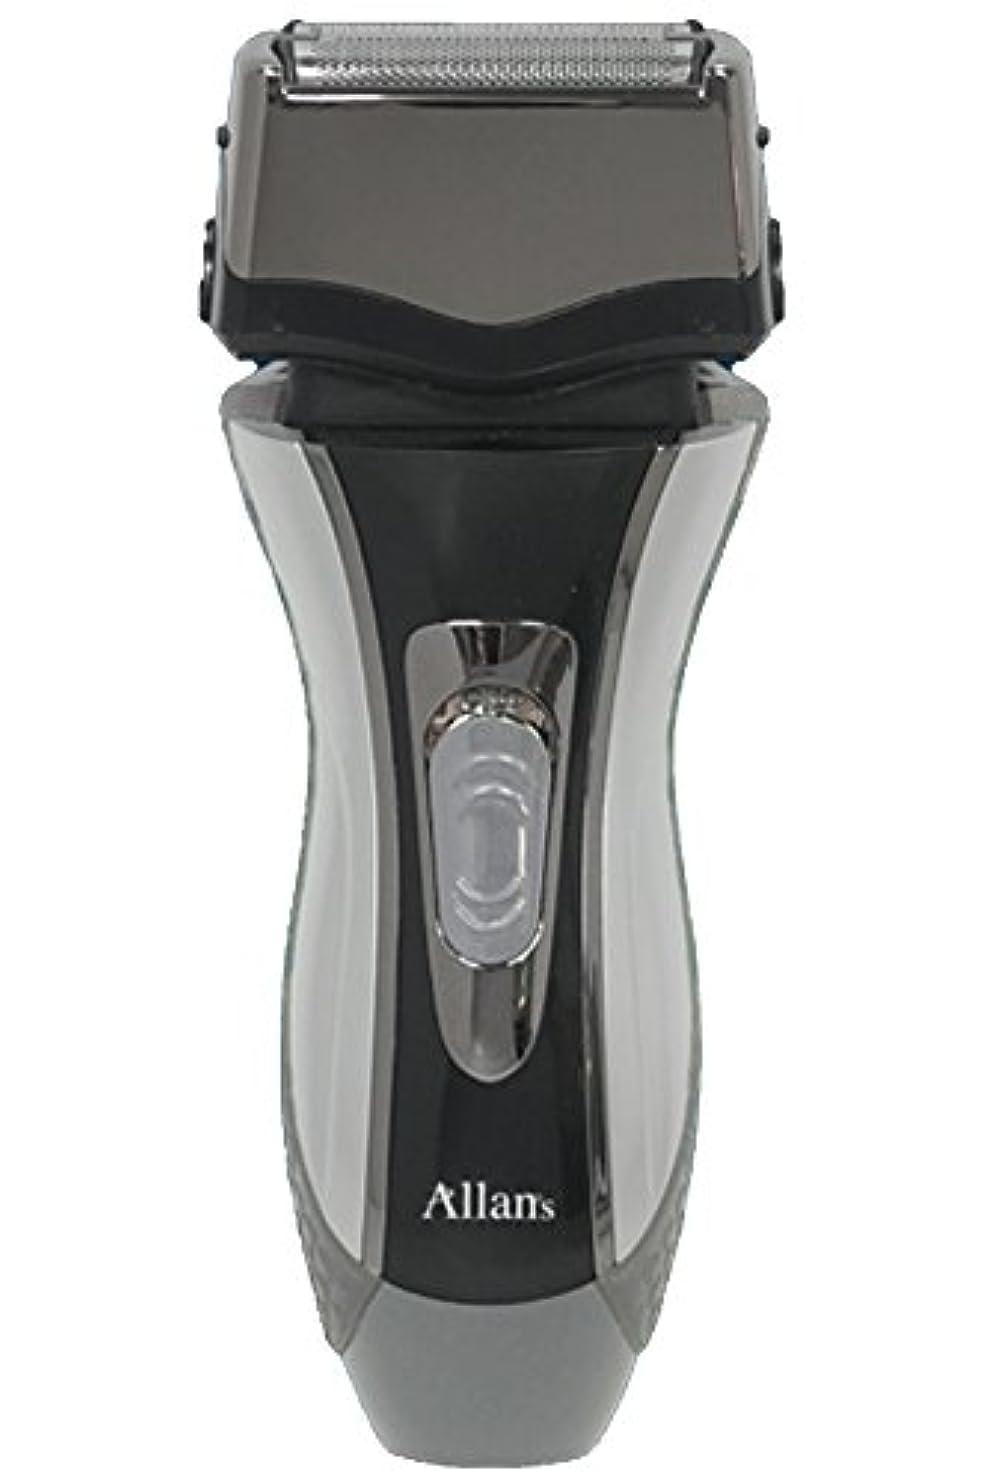 先のことを考える教義頼るAllans 往復式 3枚刃 洗える 充電 電動 髭剃り ウォッシャブル シェーバー トリプルブレード MEBM-7